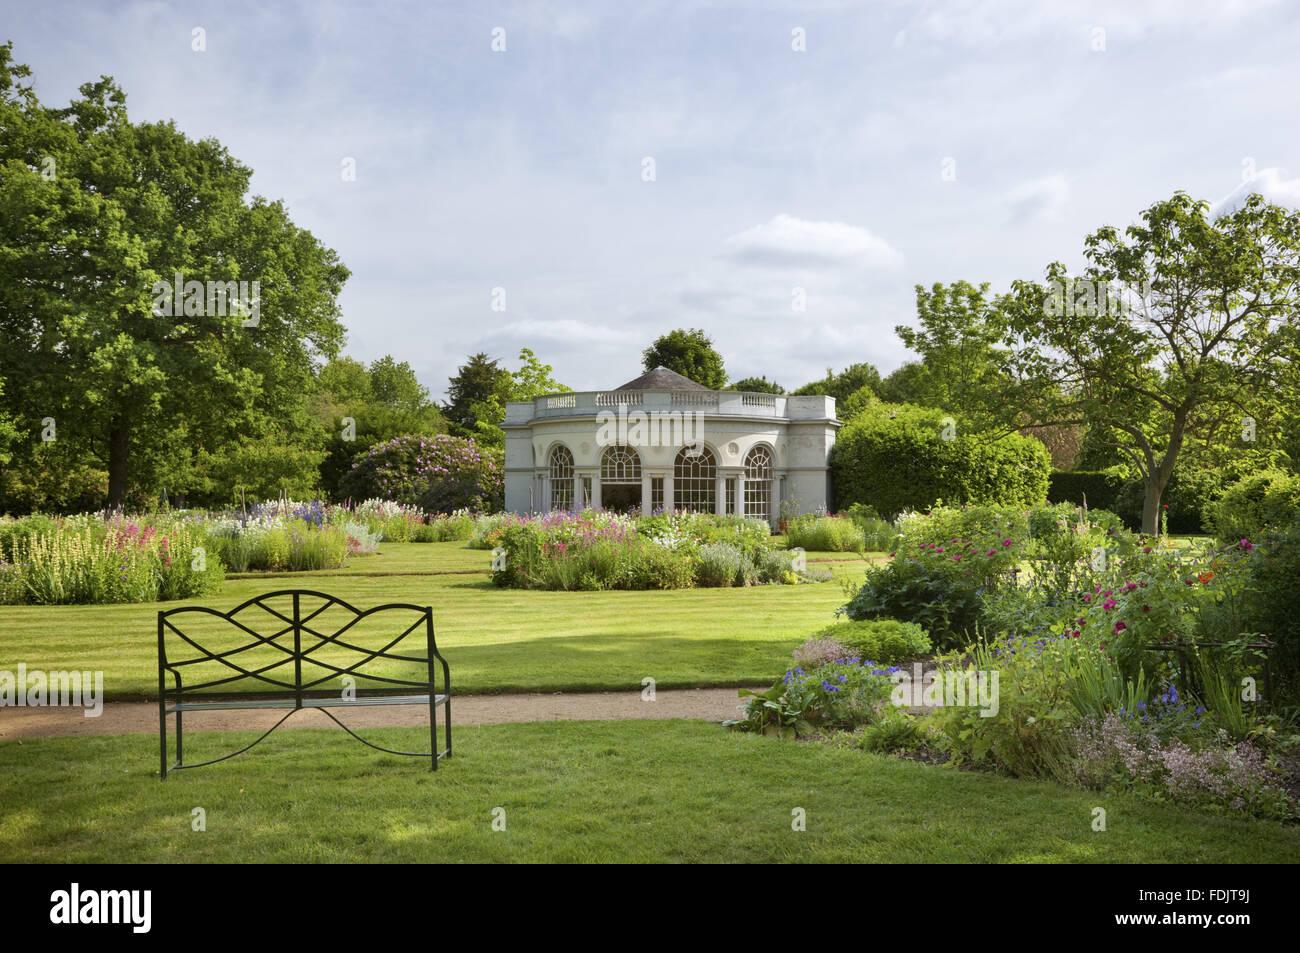 Das Garden House, gebaut im Jahre 1780 von Robert Adam, auf dem Gelände Vergnügen am Osterley, Middlesex. Das Gebäude hat eine halbrunde Front und ionischen Pilastern. Stockfoto